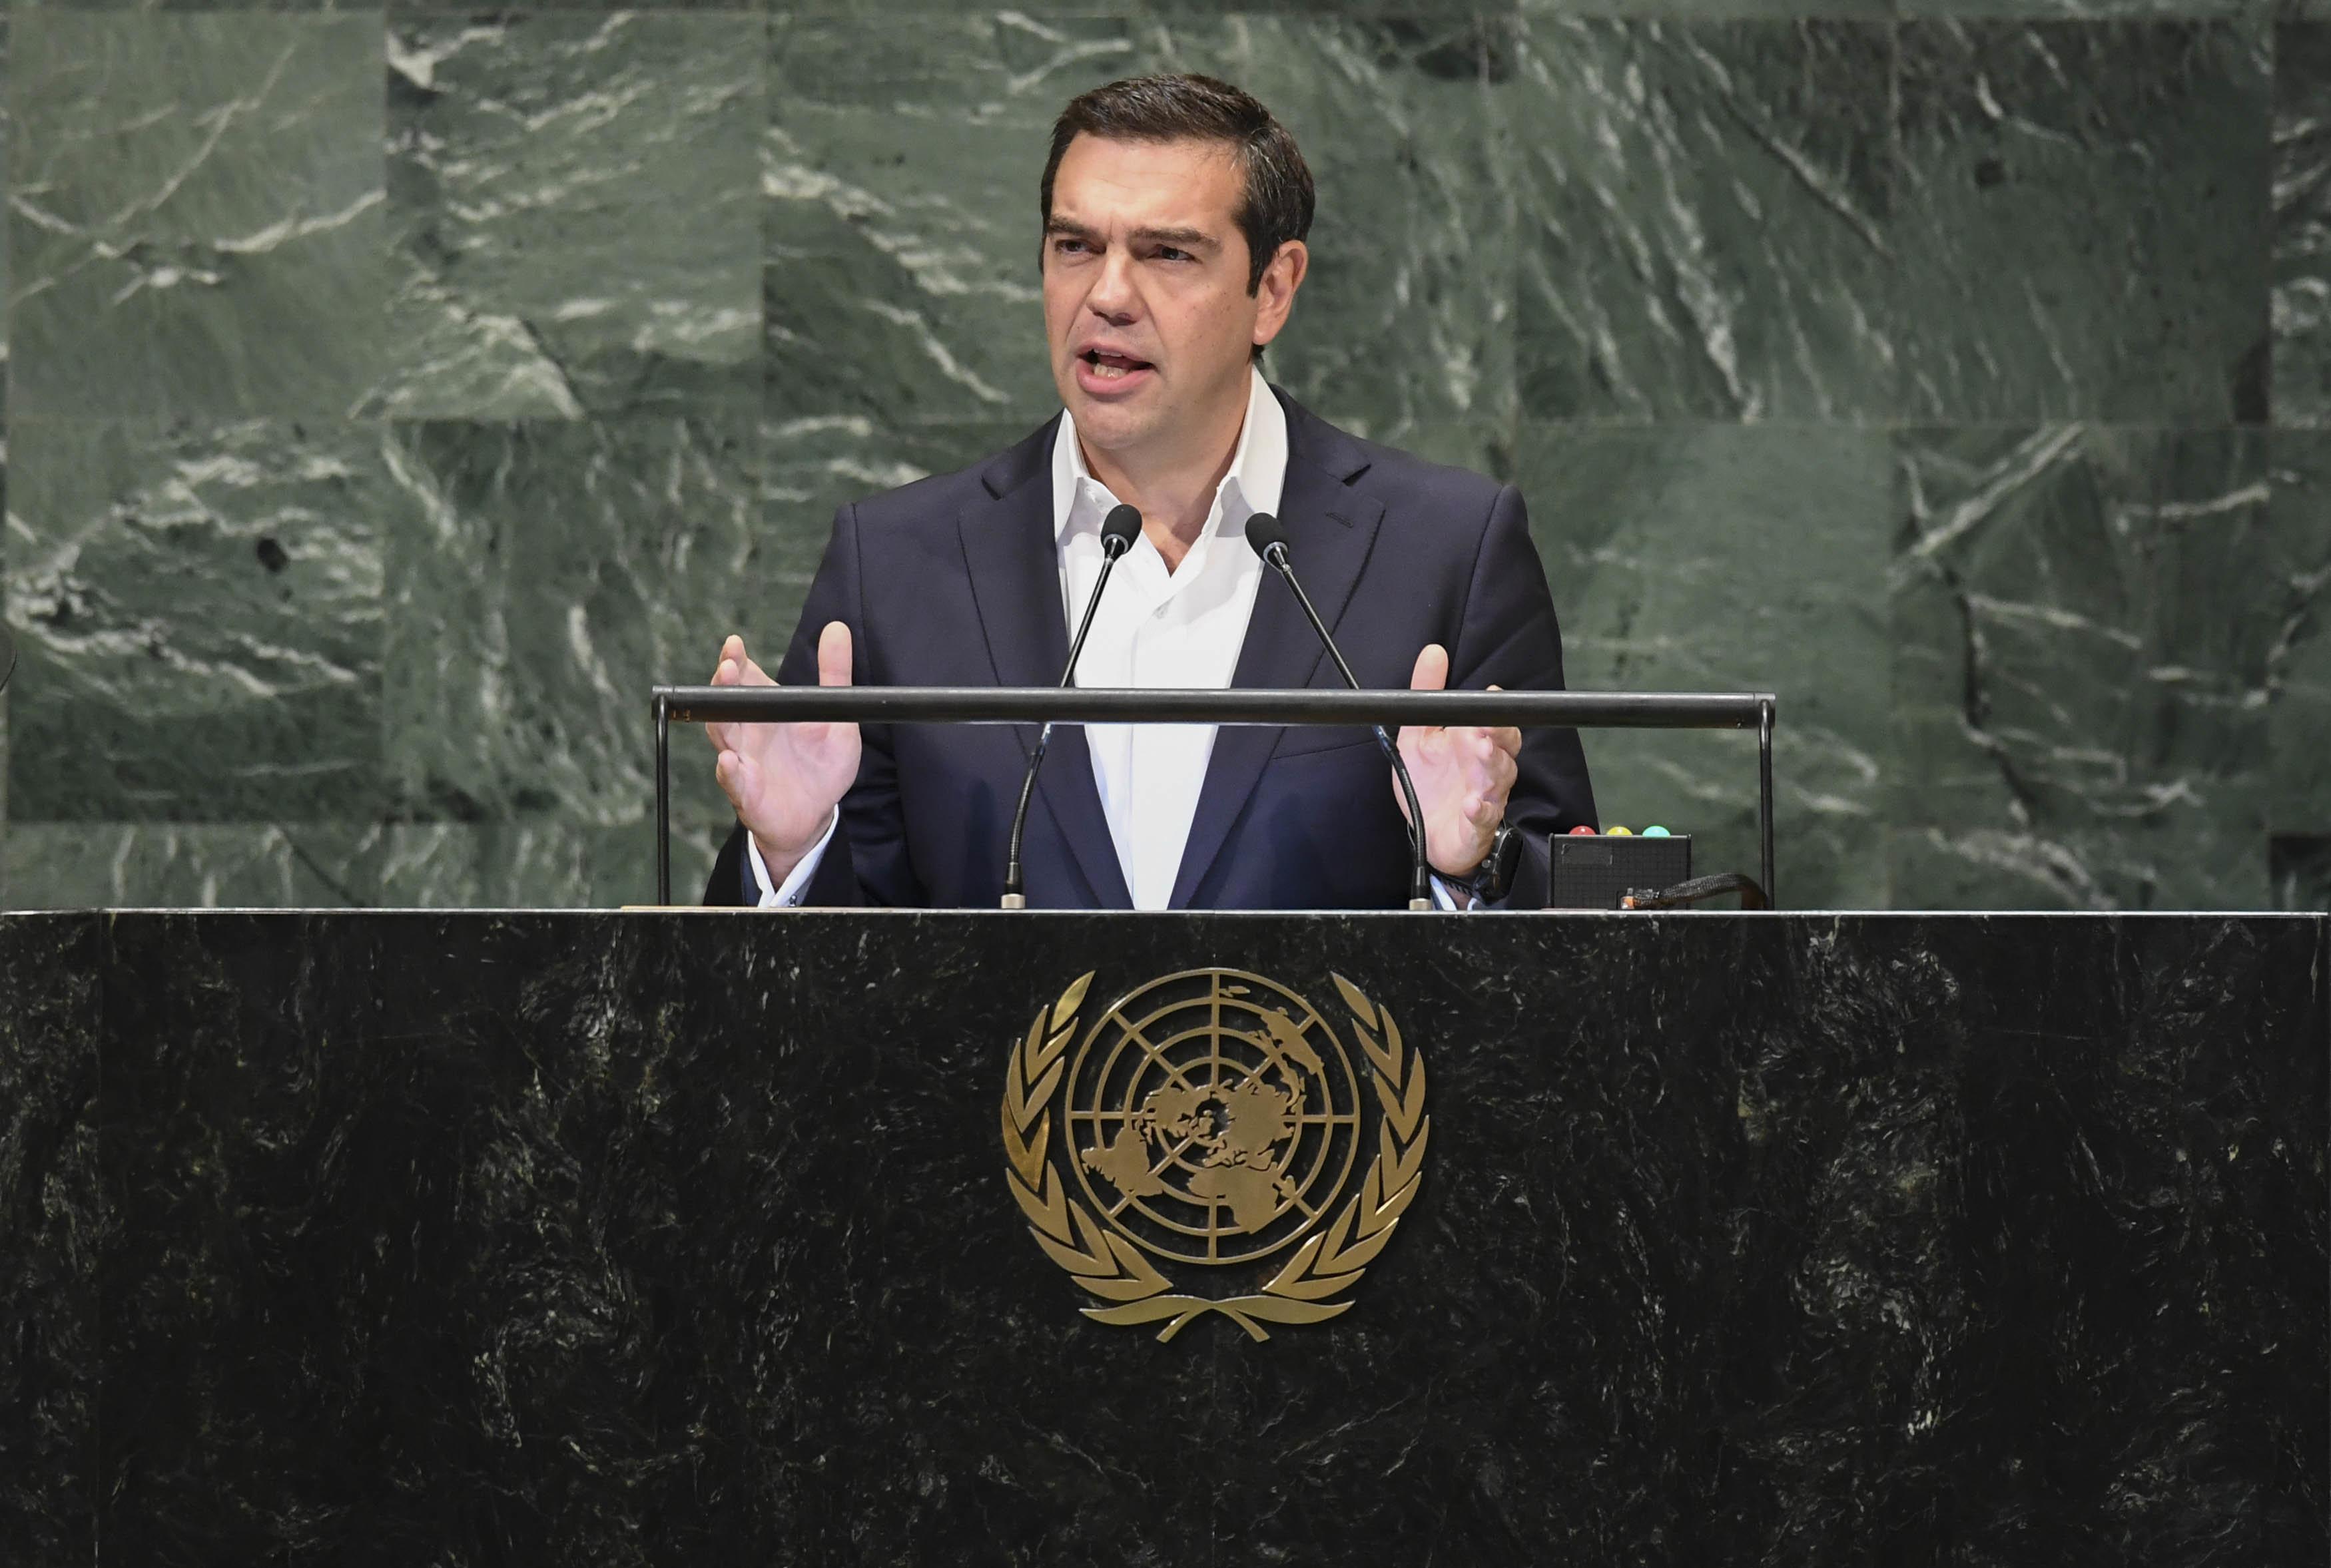 Επίθεση Τσίπρα από τη ΓΣ του ΟΗΕ κατά των εθνικιστικών δυνάμεων στις οποίες η Ελλάδα δεν